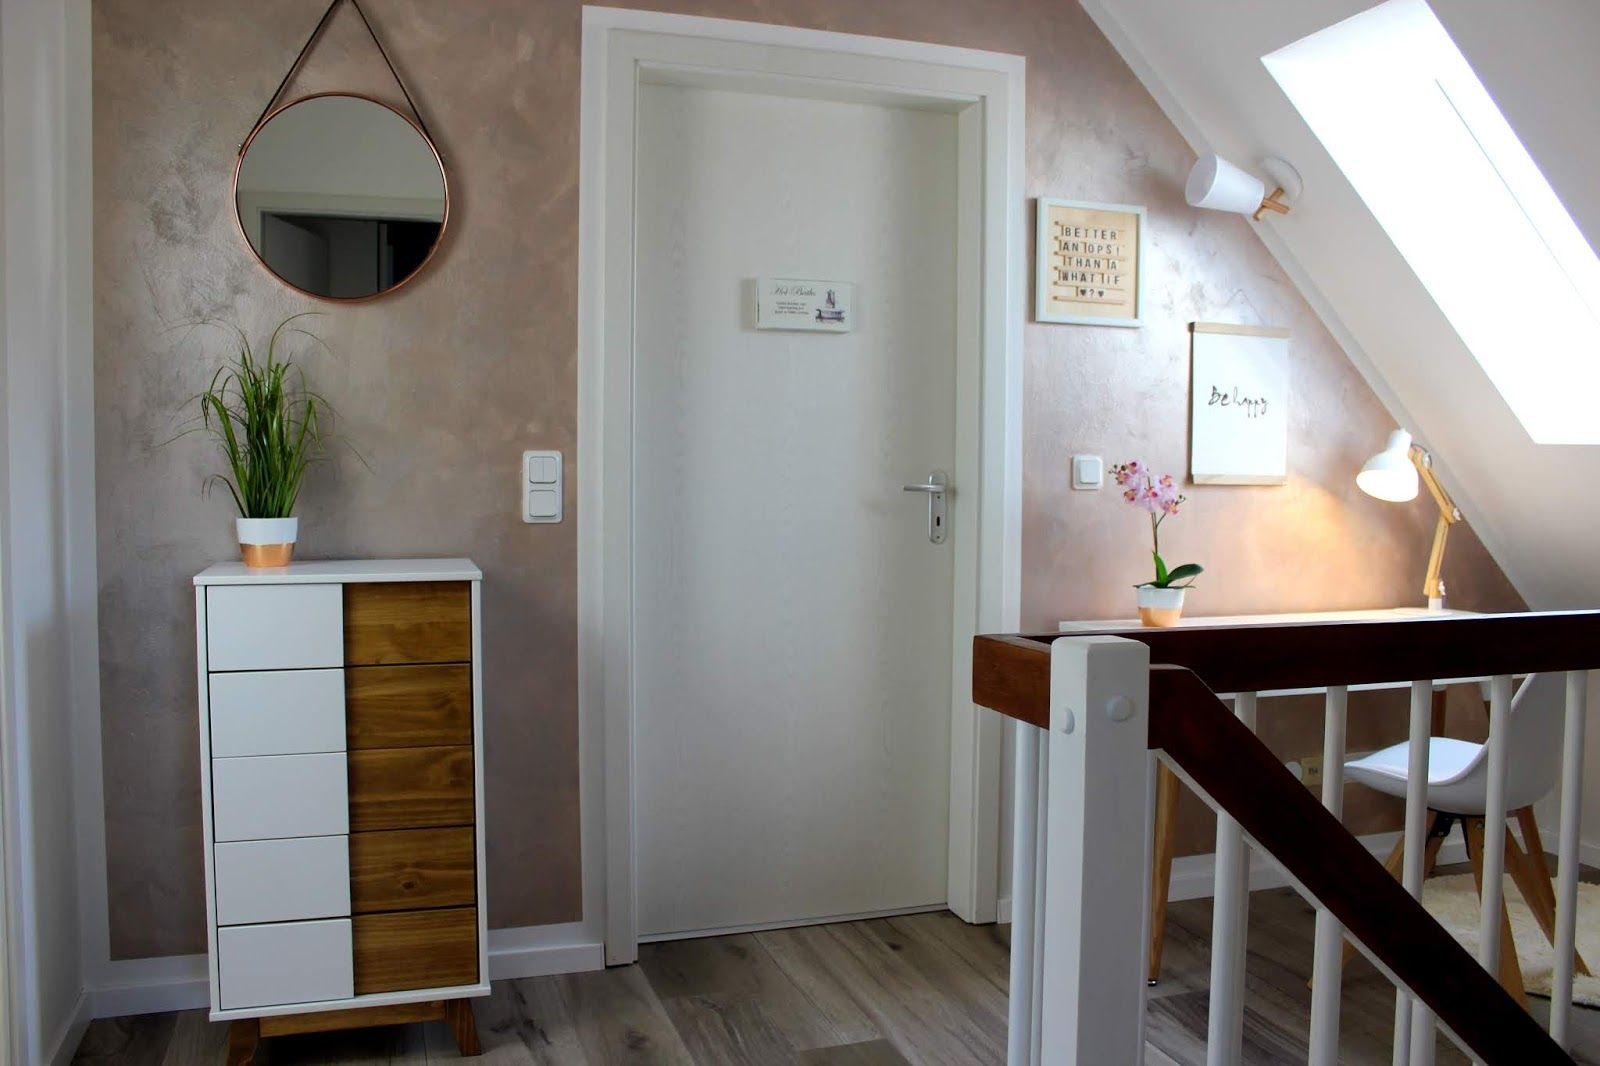 Diy Flur Make Over Inklusive Vorher Nachher Streich Tipps Wohnungsrenovierungen Wohnung Renovierung Wandfarbe